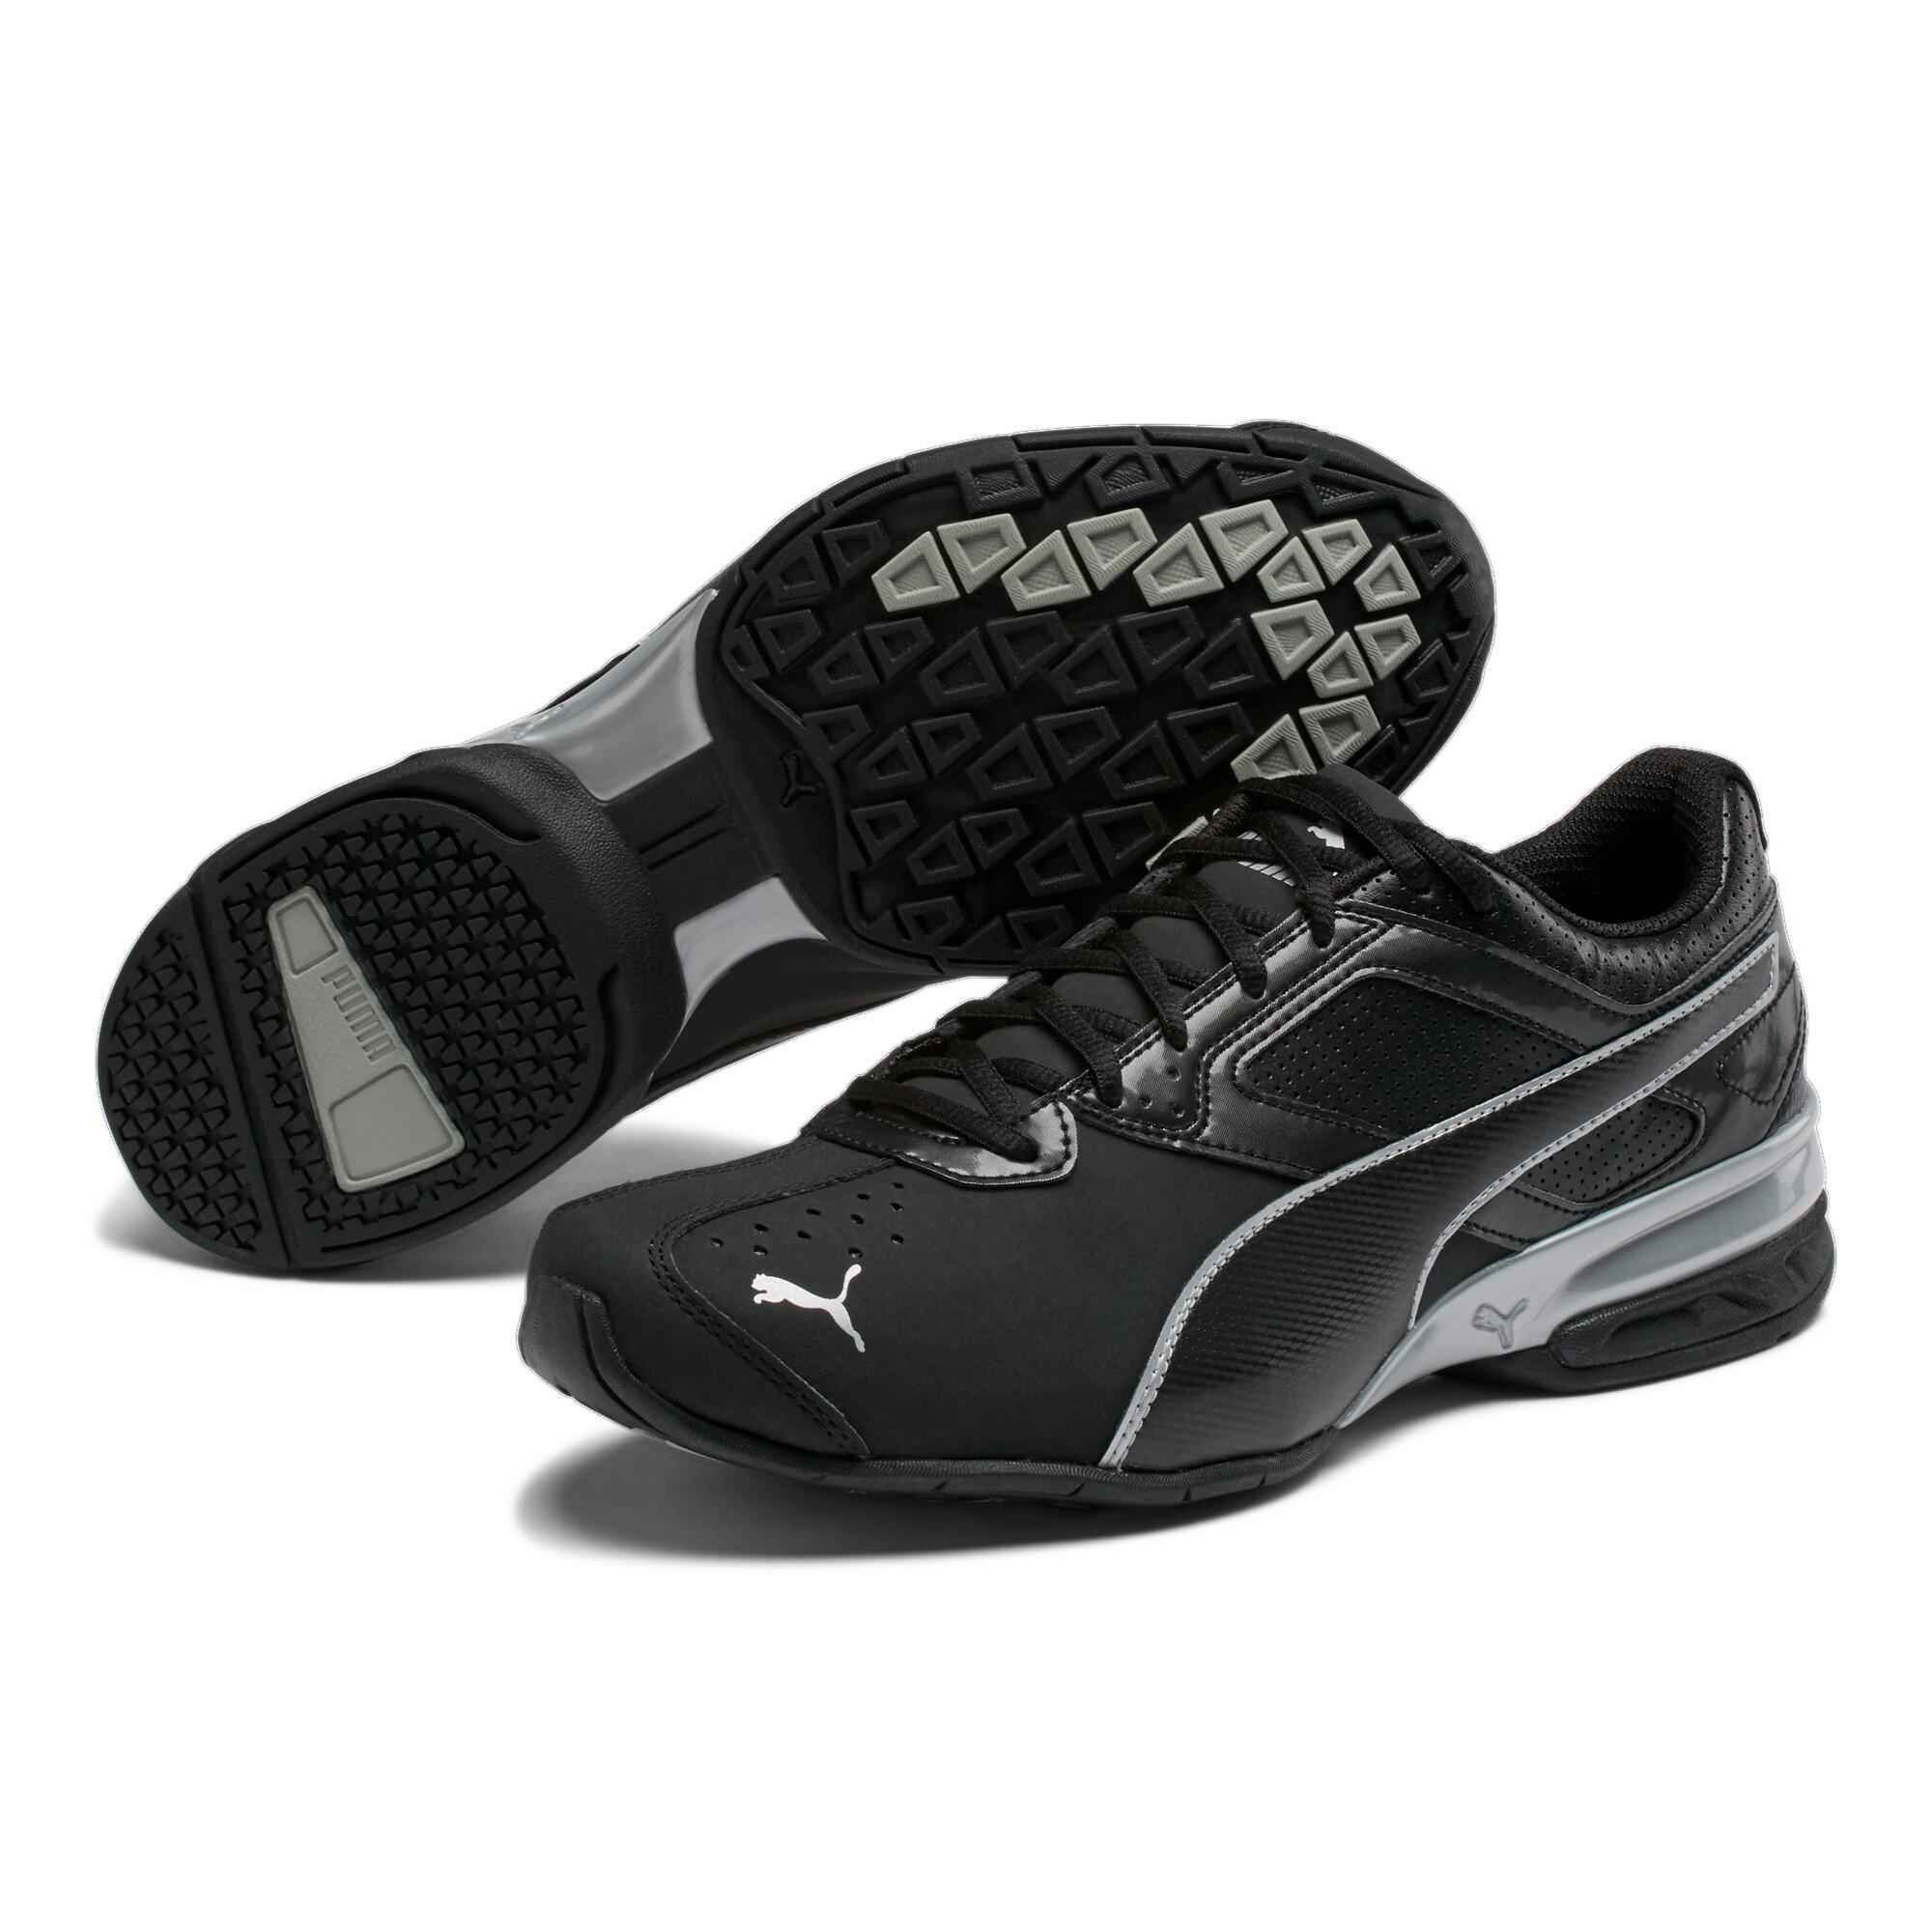 PUMA-Tazon-6-FM-Men-039-s-Sneakers-Men-Shoe-Running thumbnail 27